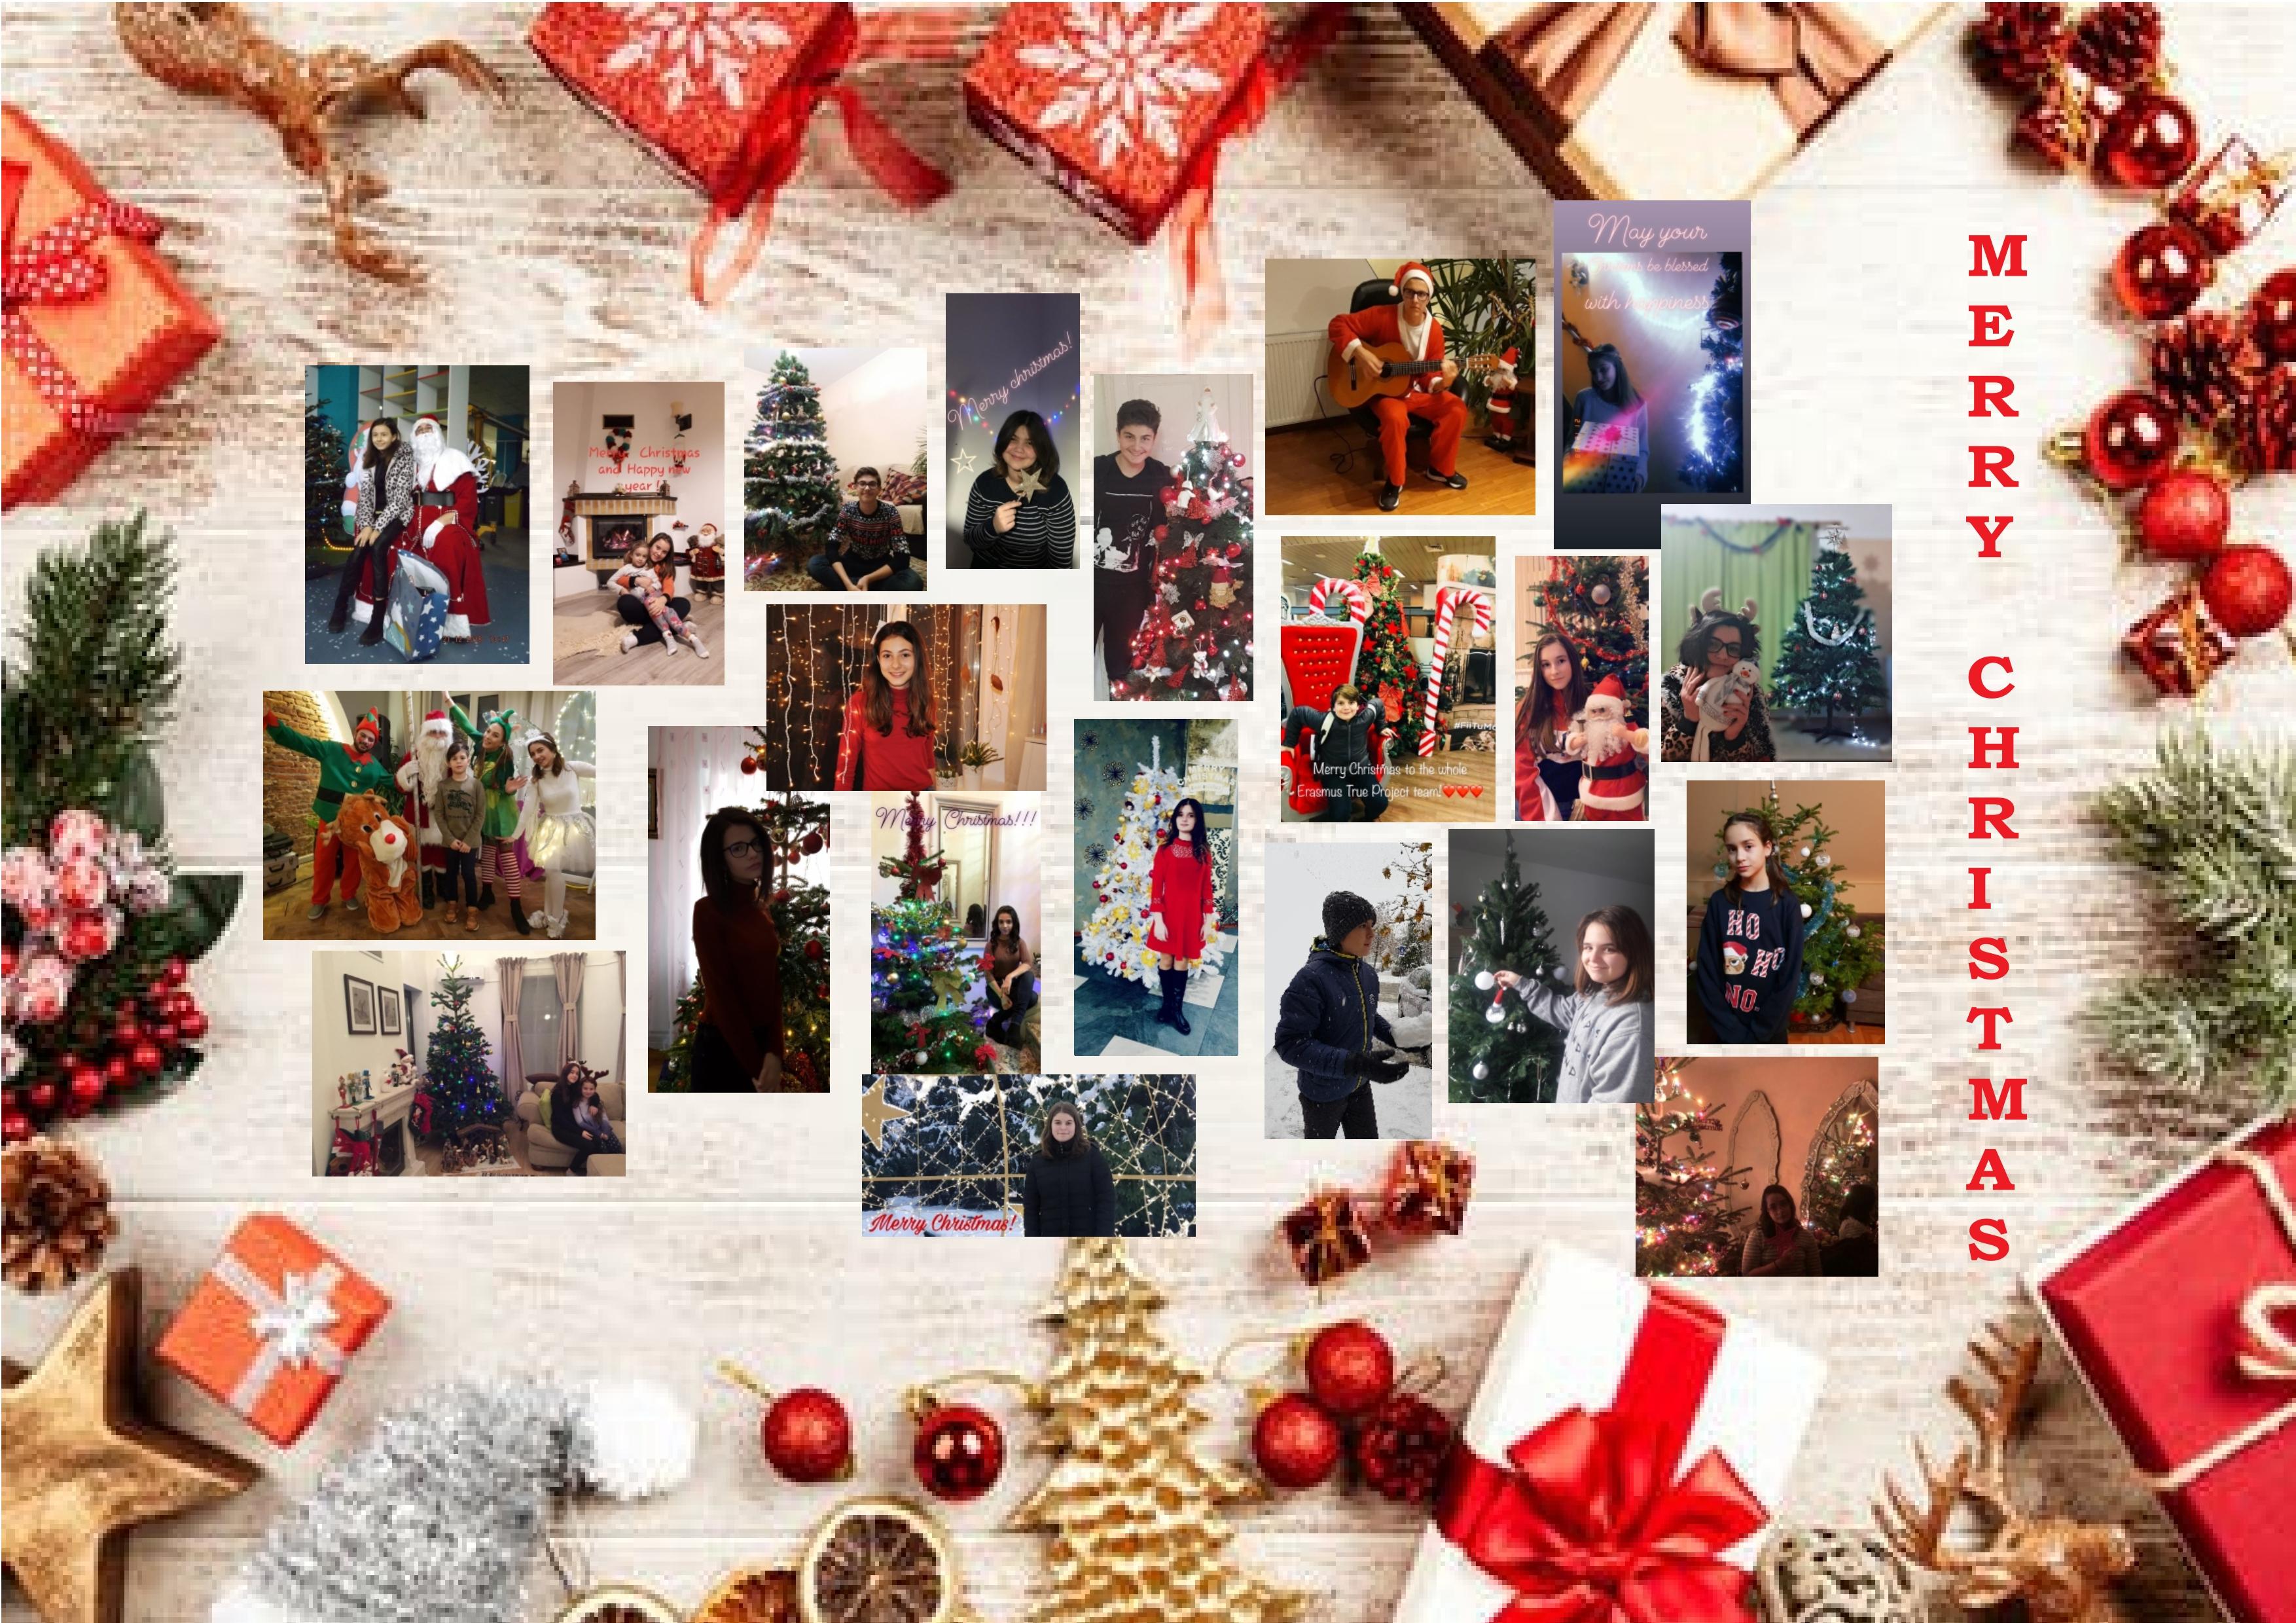 Gli auguri di Natale della scuola Mircea Eliade in Romania